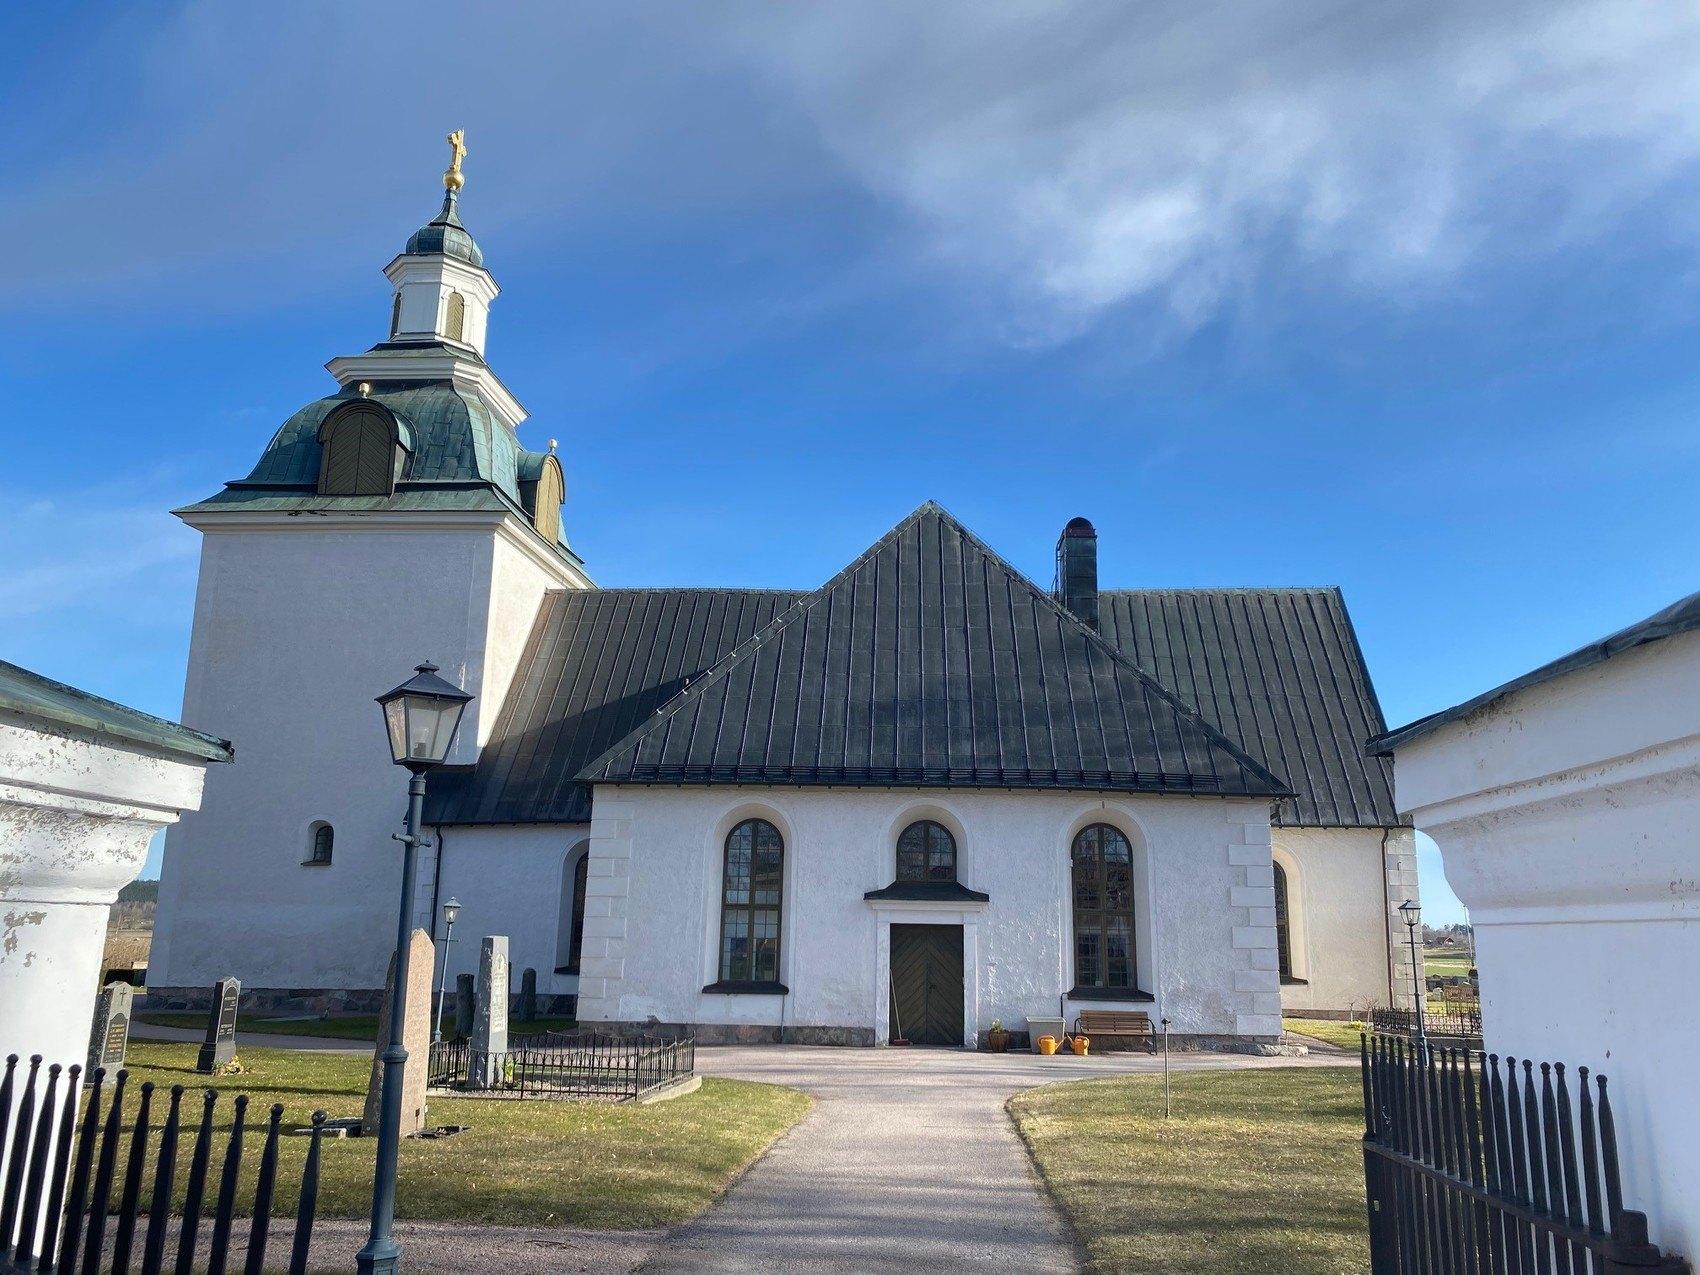 Stor vit kyrka med klocktorn